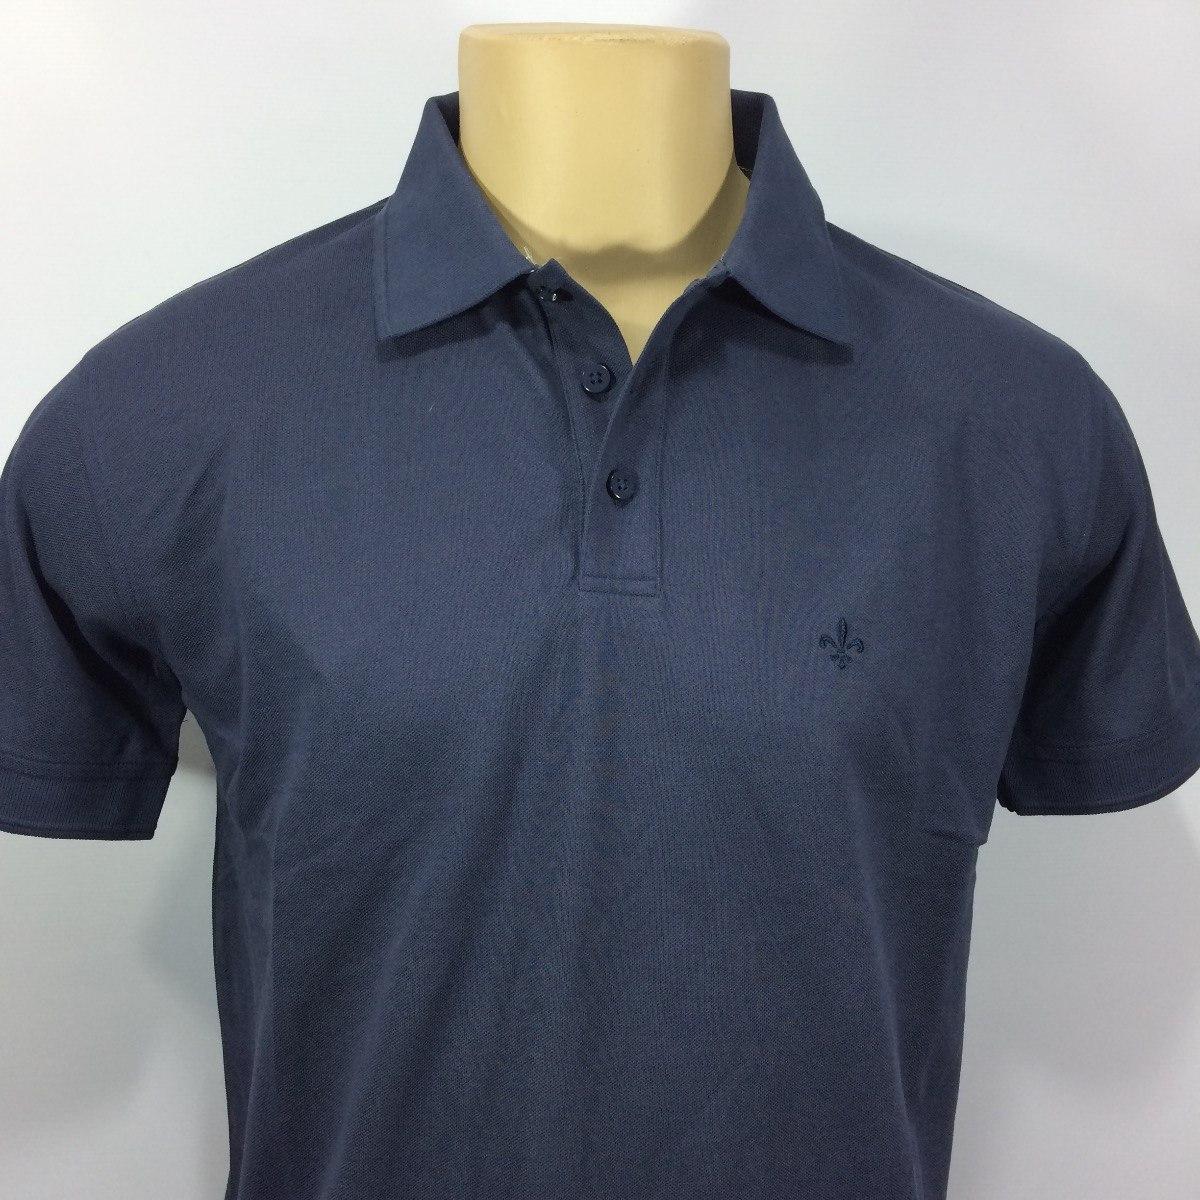 camisa polo dudalina sport pima cotton novos modelos. Carregando zoom. a34e931964bdf